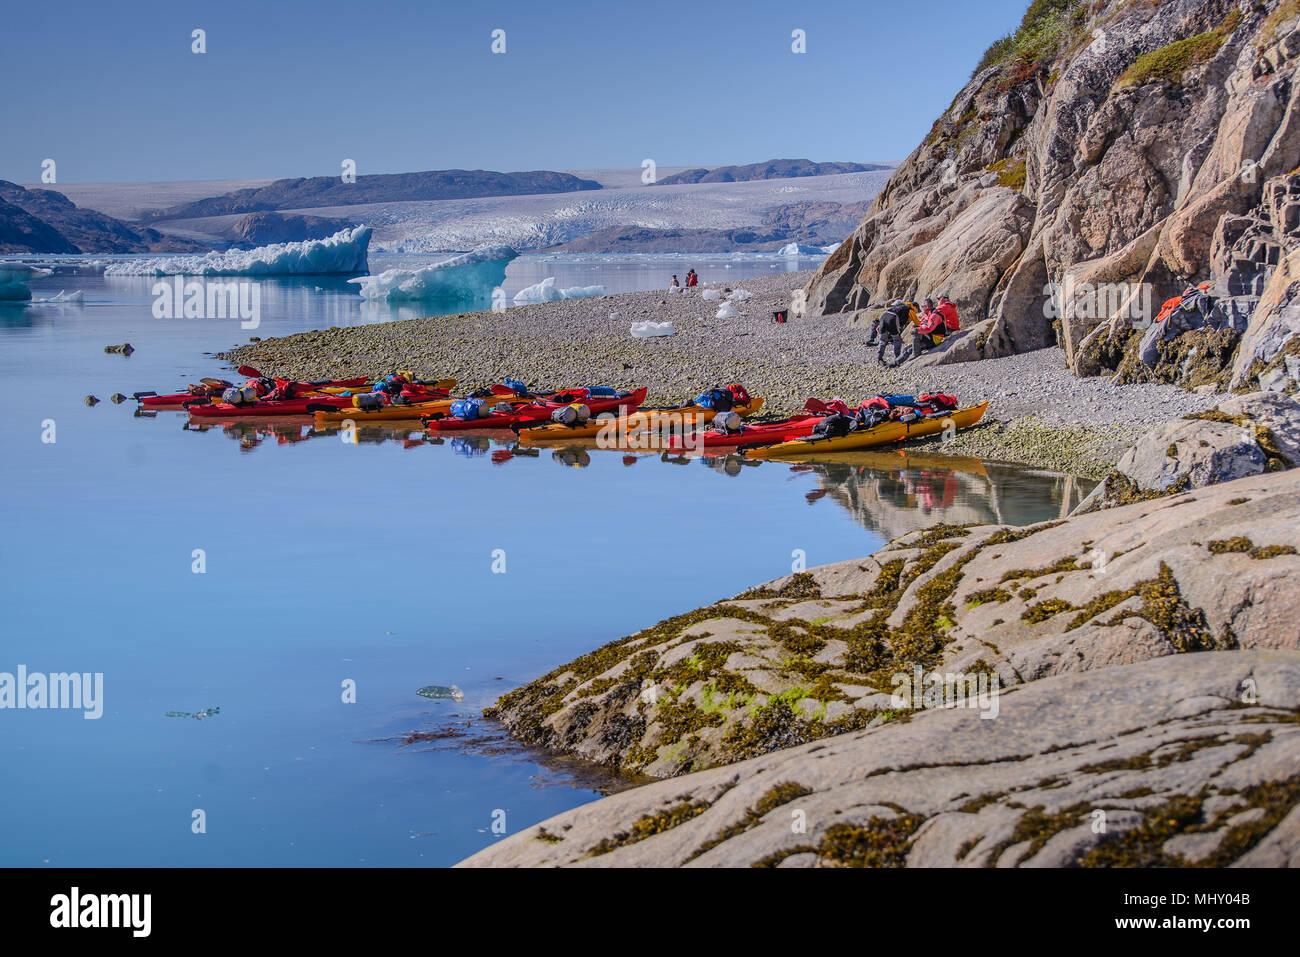 Avventura turisti sulla spiaggia del fiordo con righe di kayak, Narsaq, Vestgronland, Groenlandia meridionale Immagini Stock